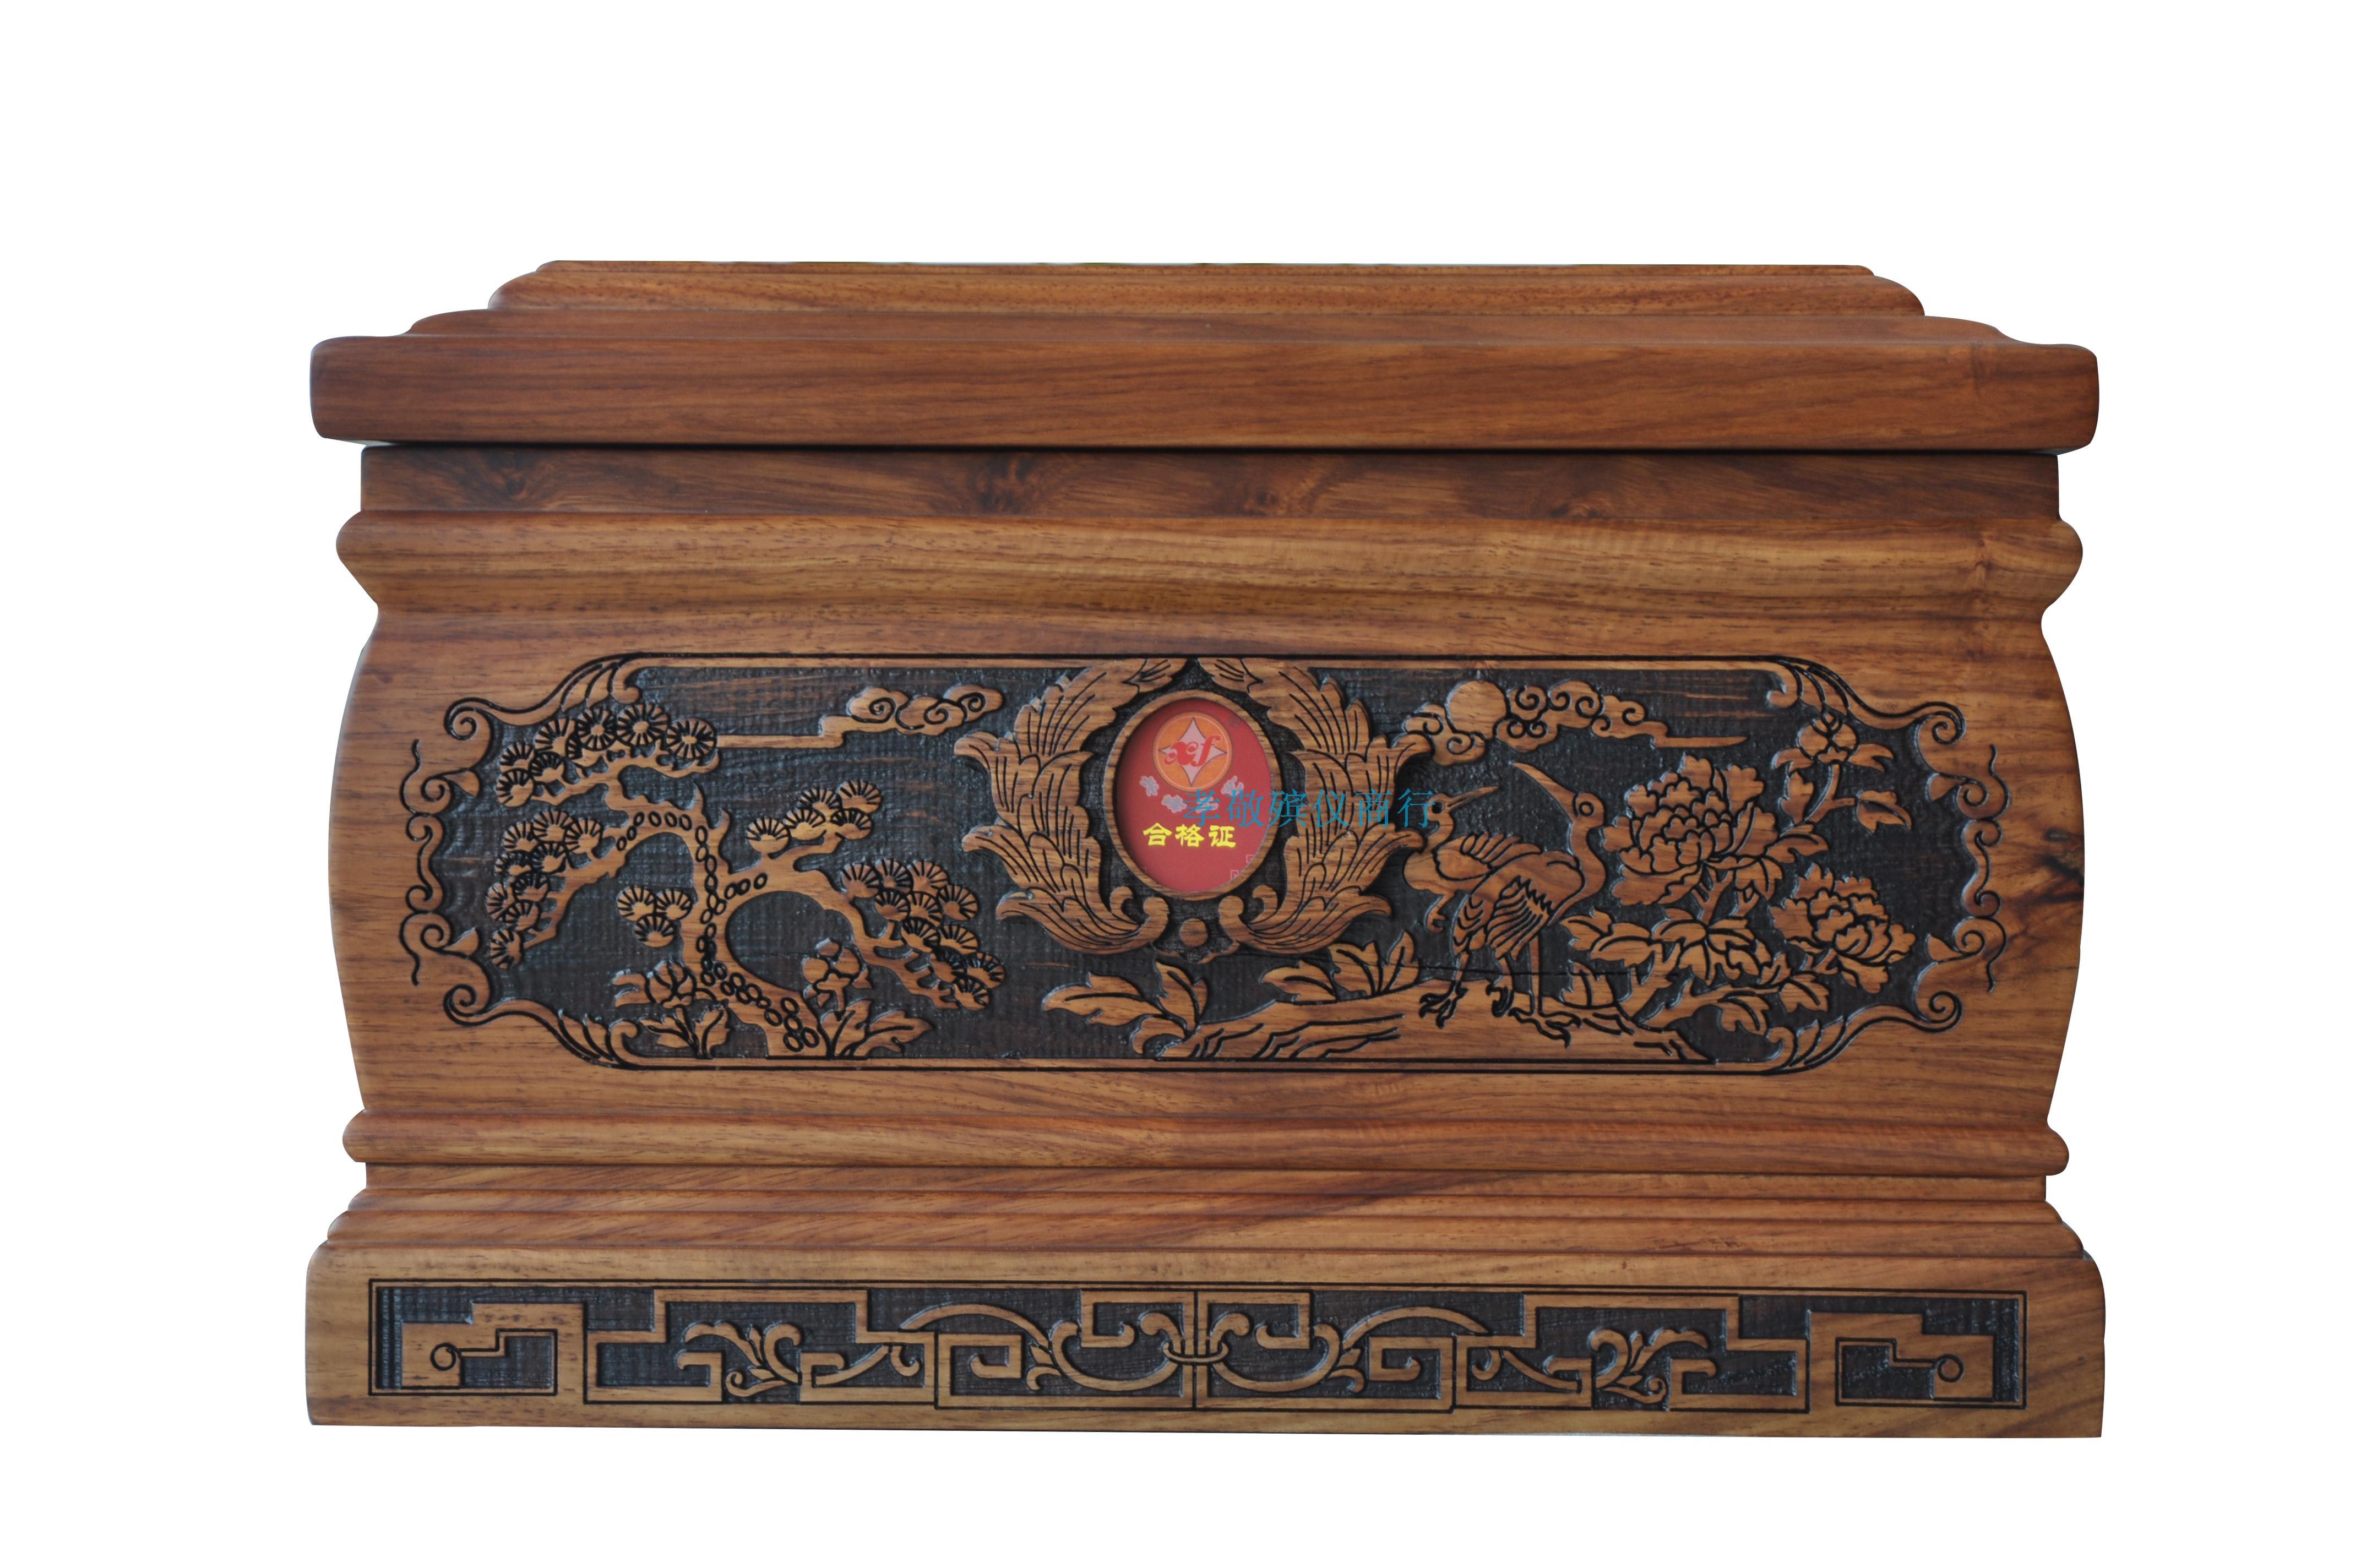 驾鹤,材料花梨木骨灰盒,区号士2木质防潮盒